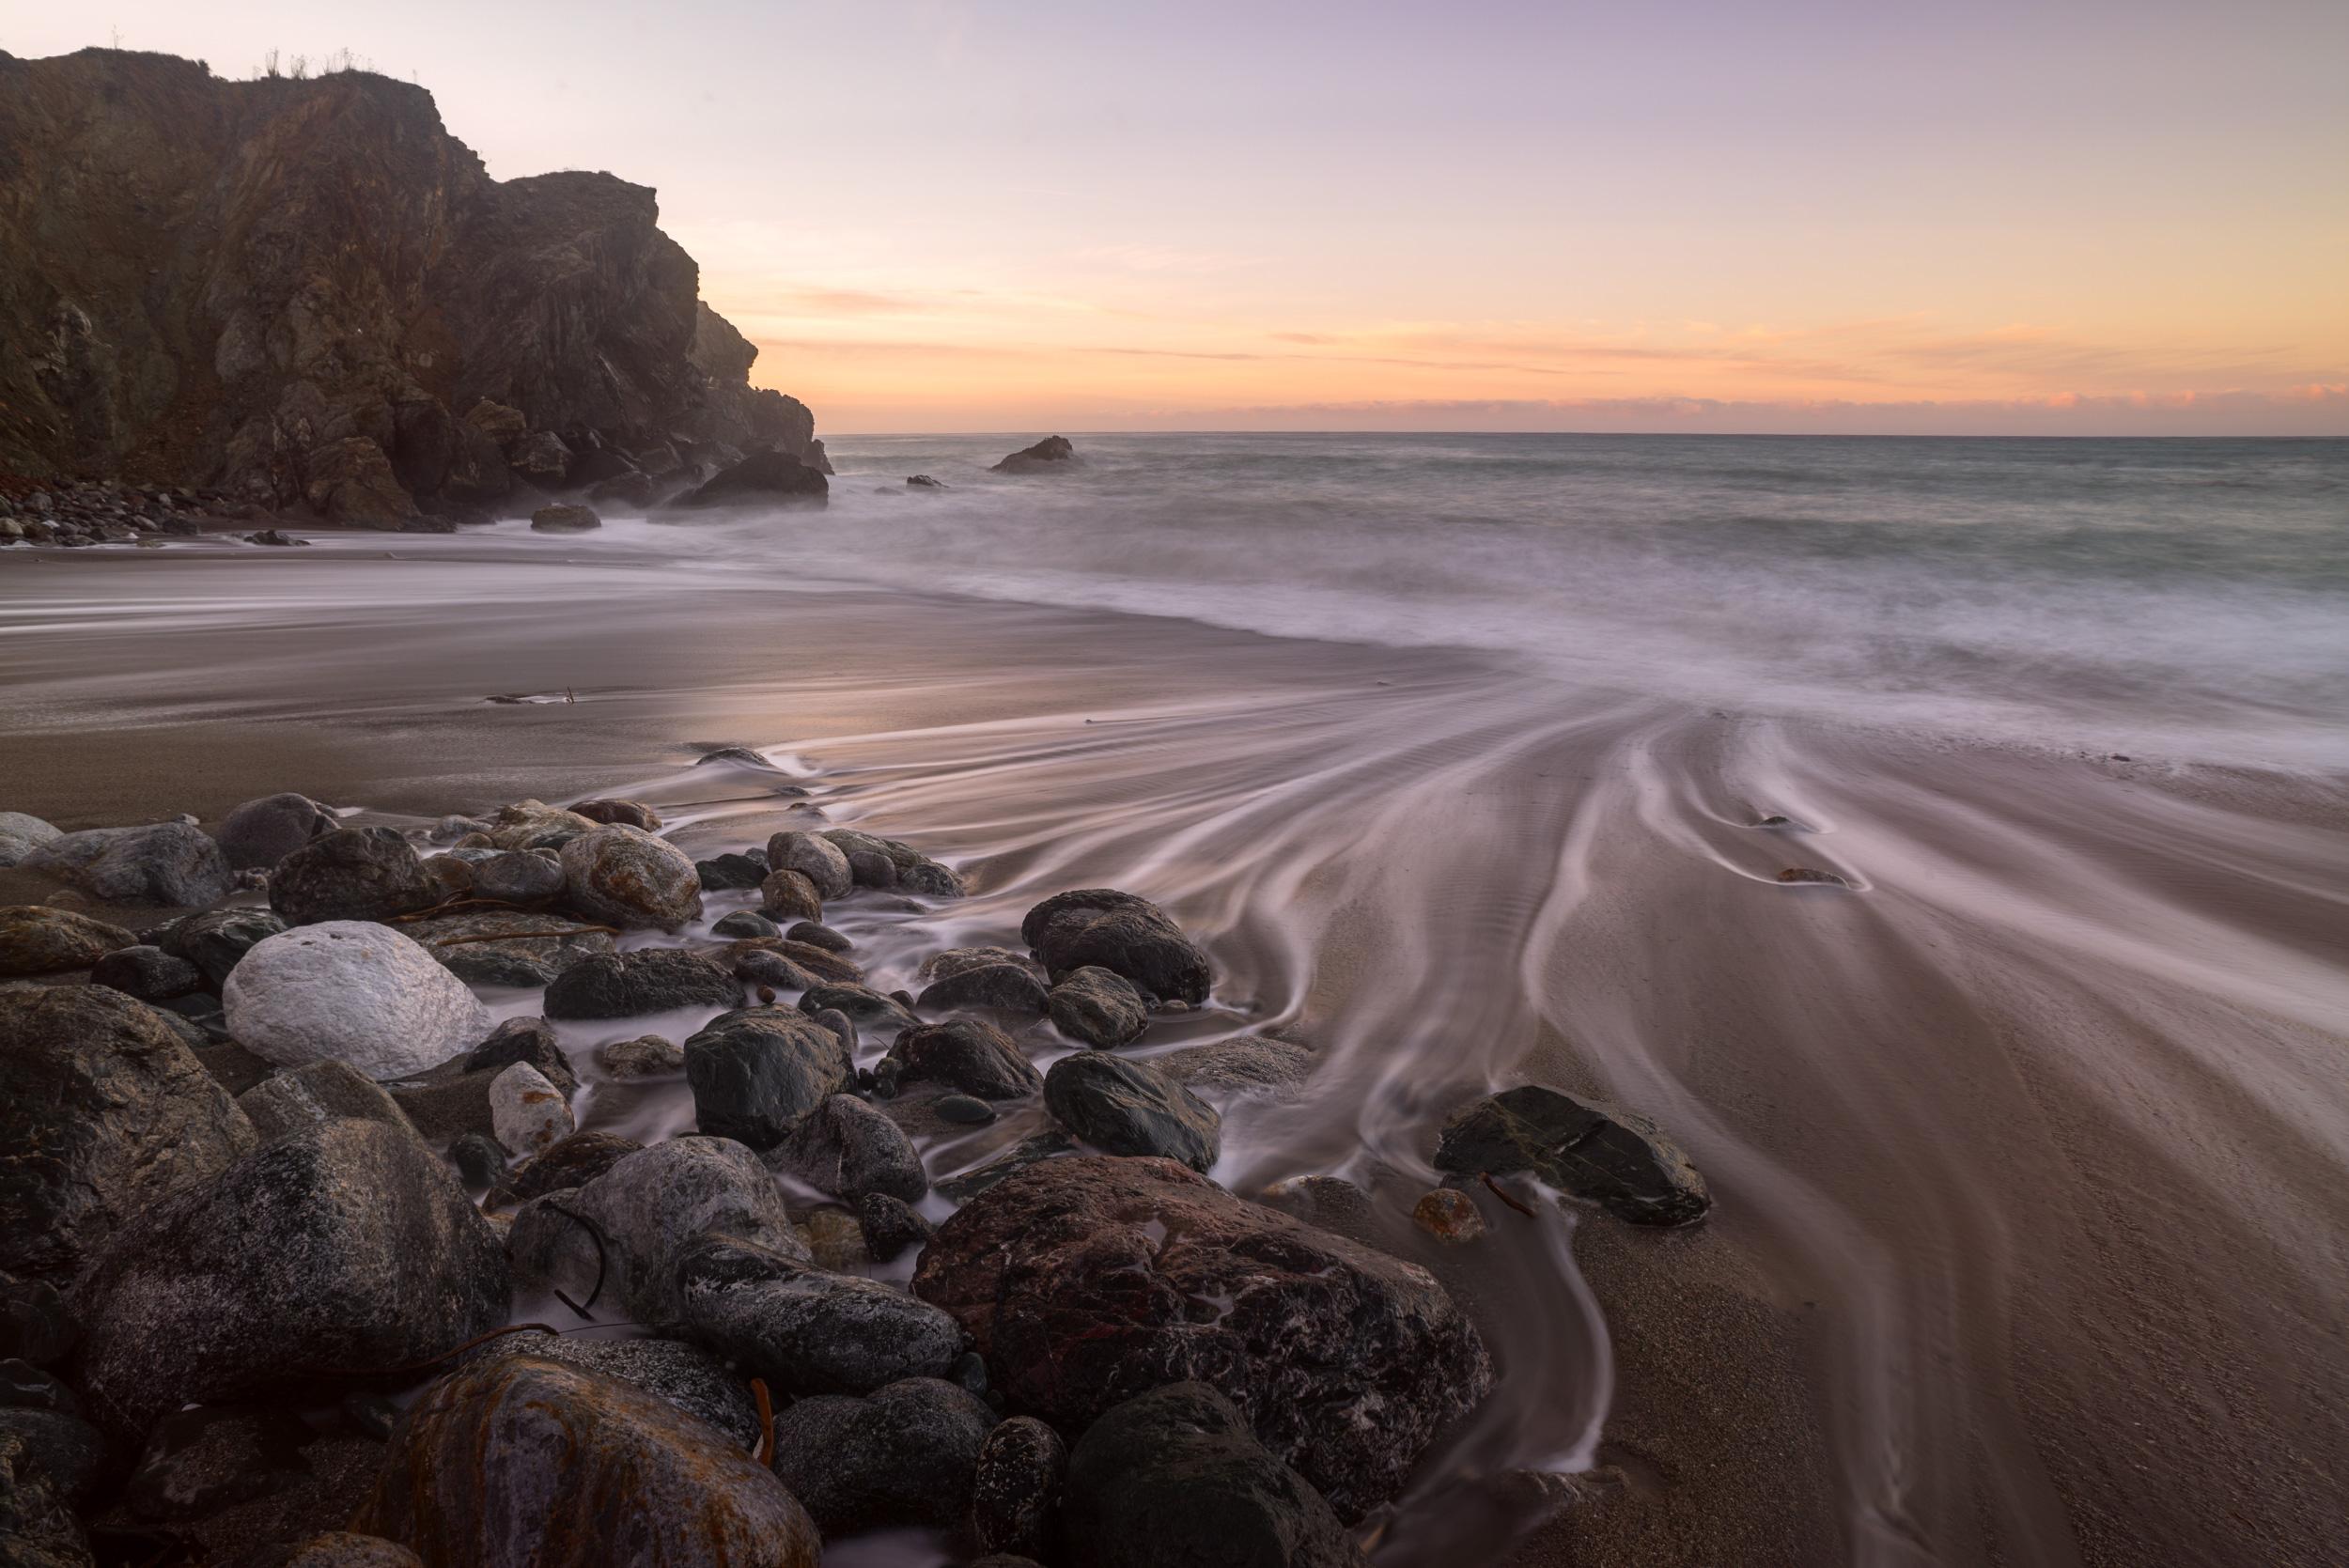 Moving tide at Limeklin State Park, Big Sur.